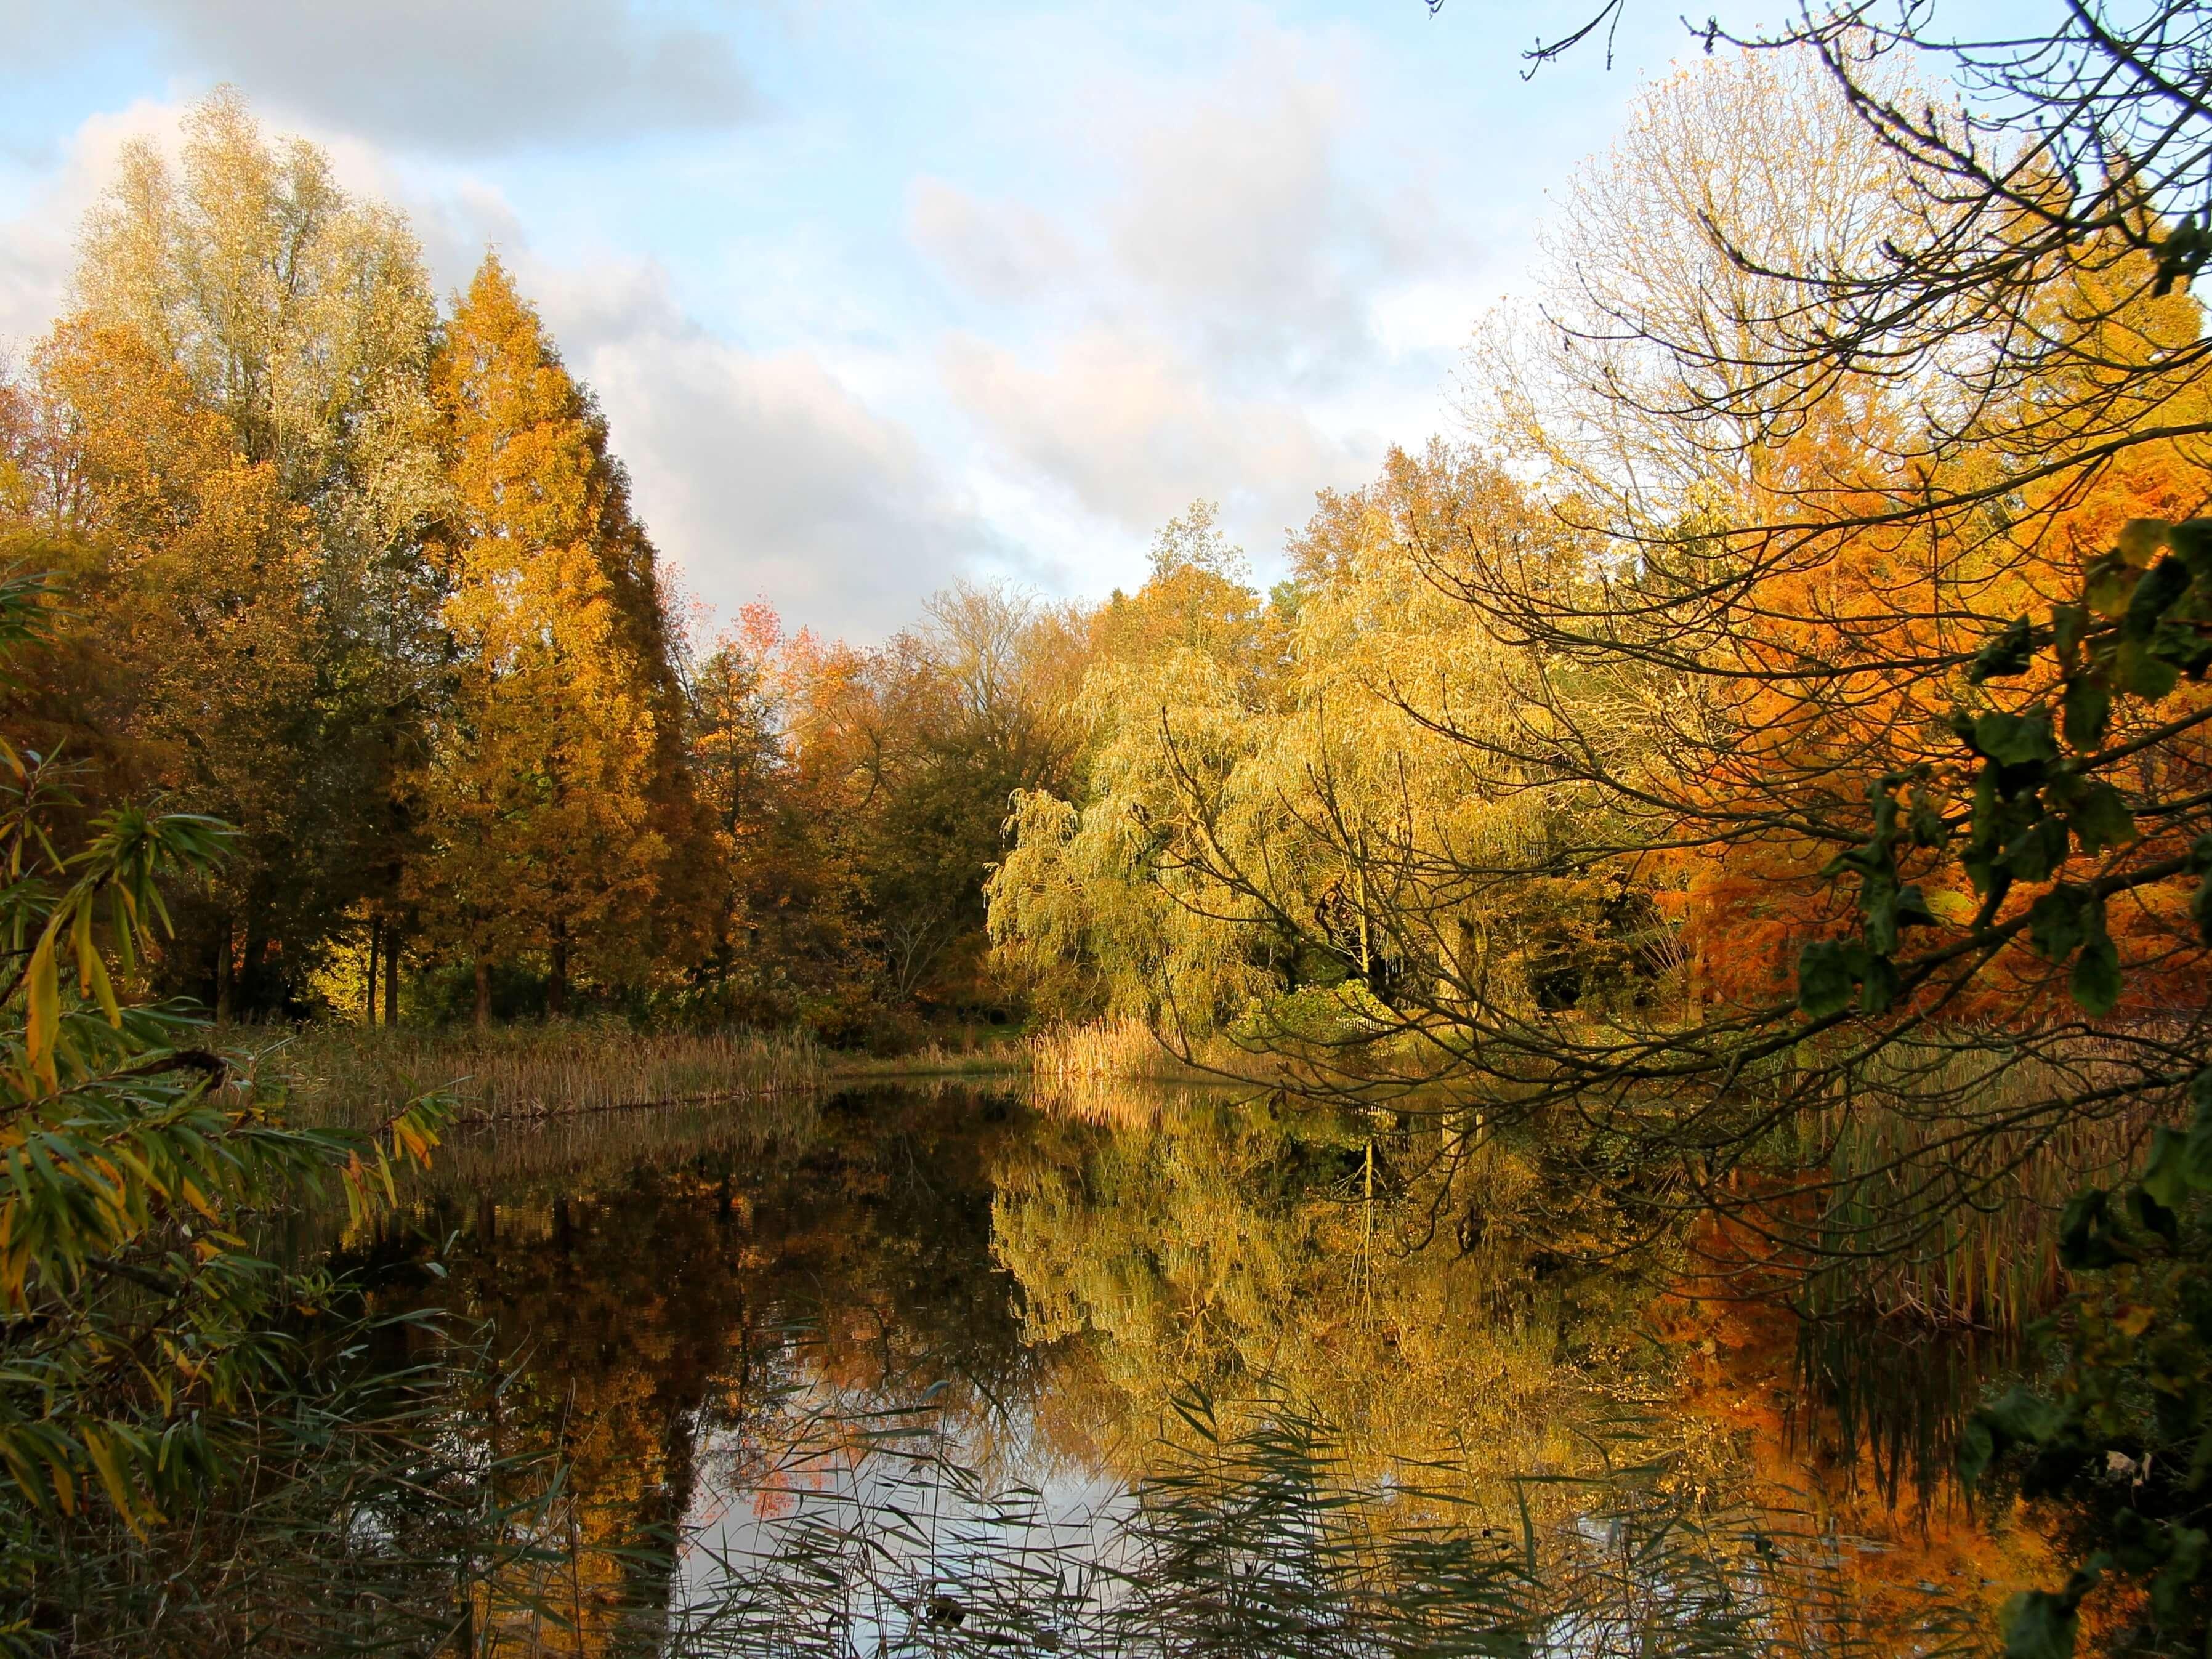 vijver met herfstkleuren